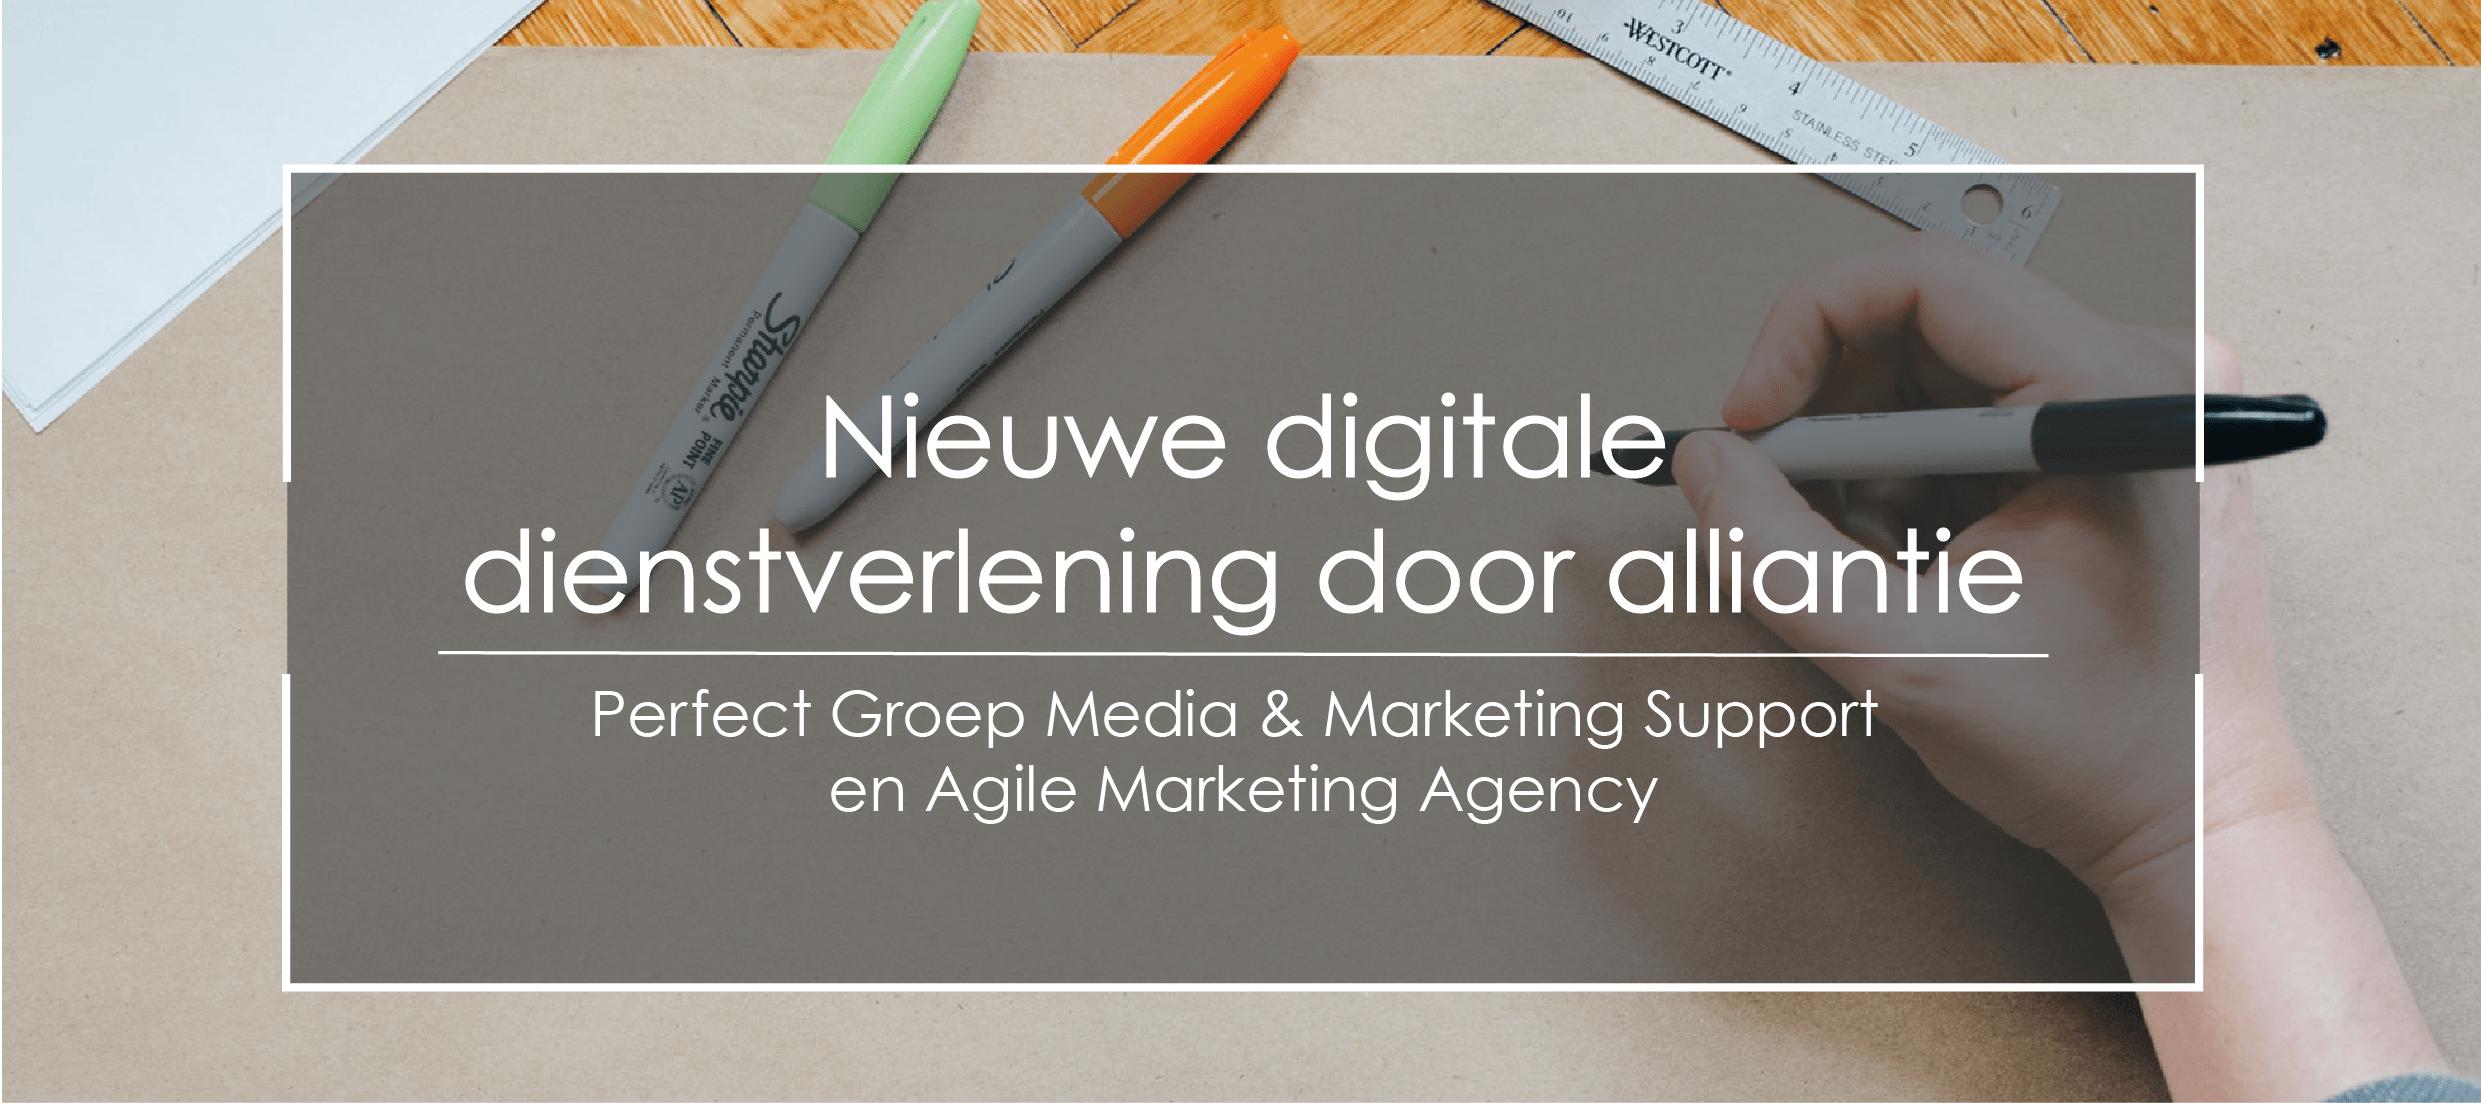 alliantie Agile Marketing Agency en Perfect Groep